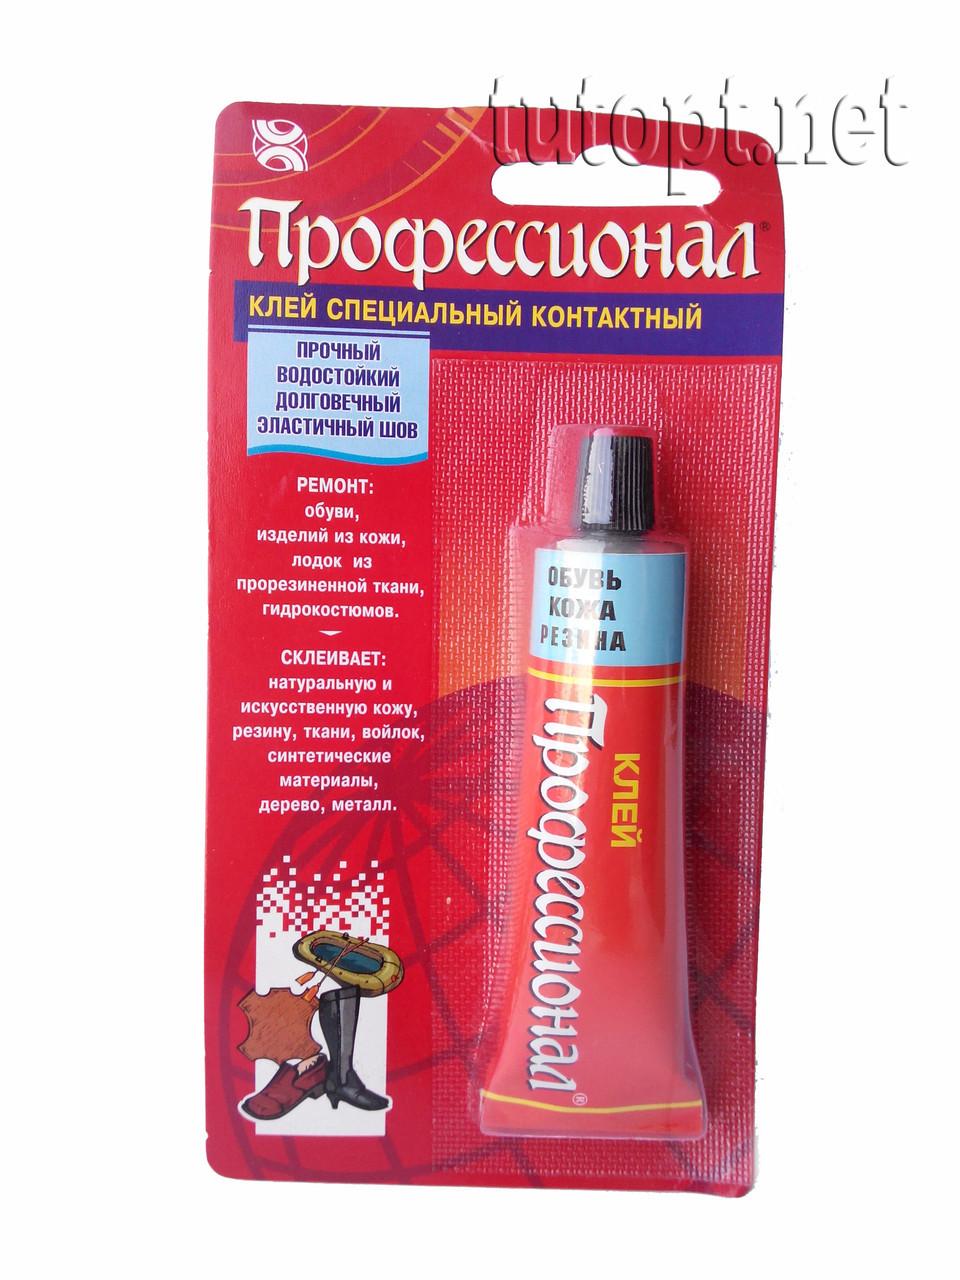 Клей «Профессионал» Химик обуви, изделий из кожи, резины и других впитывающих клей